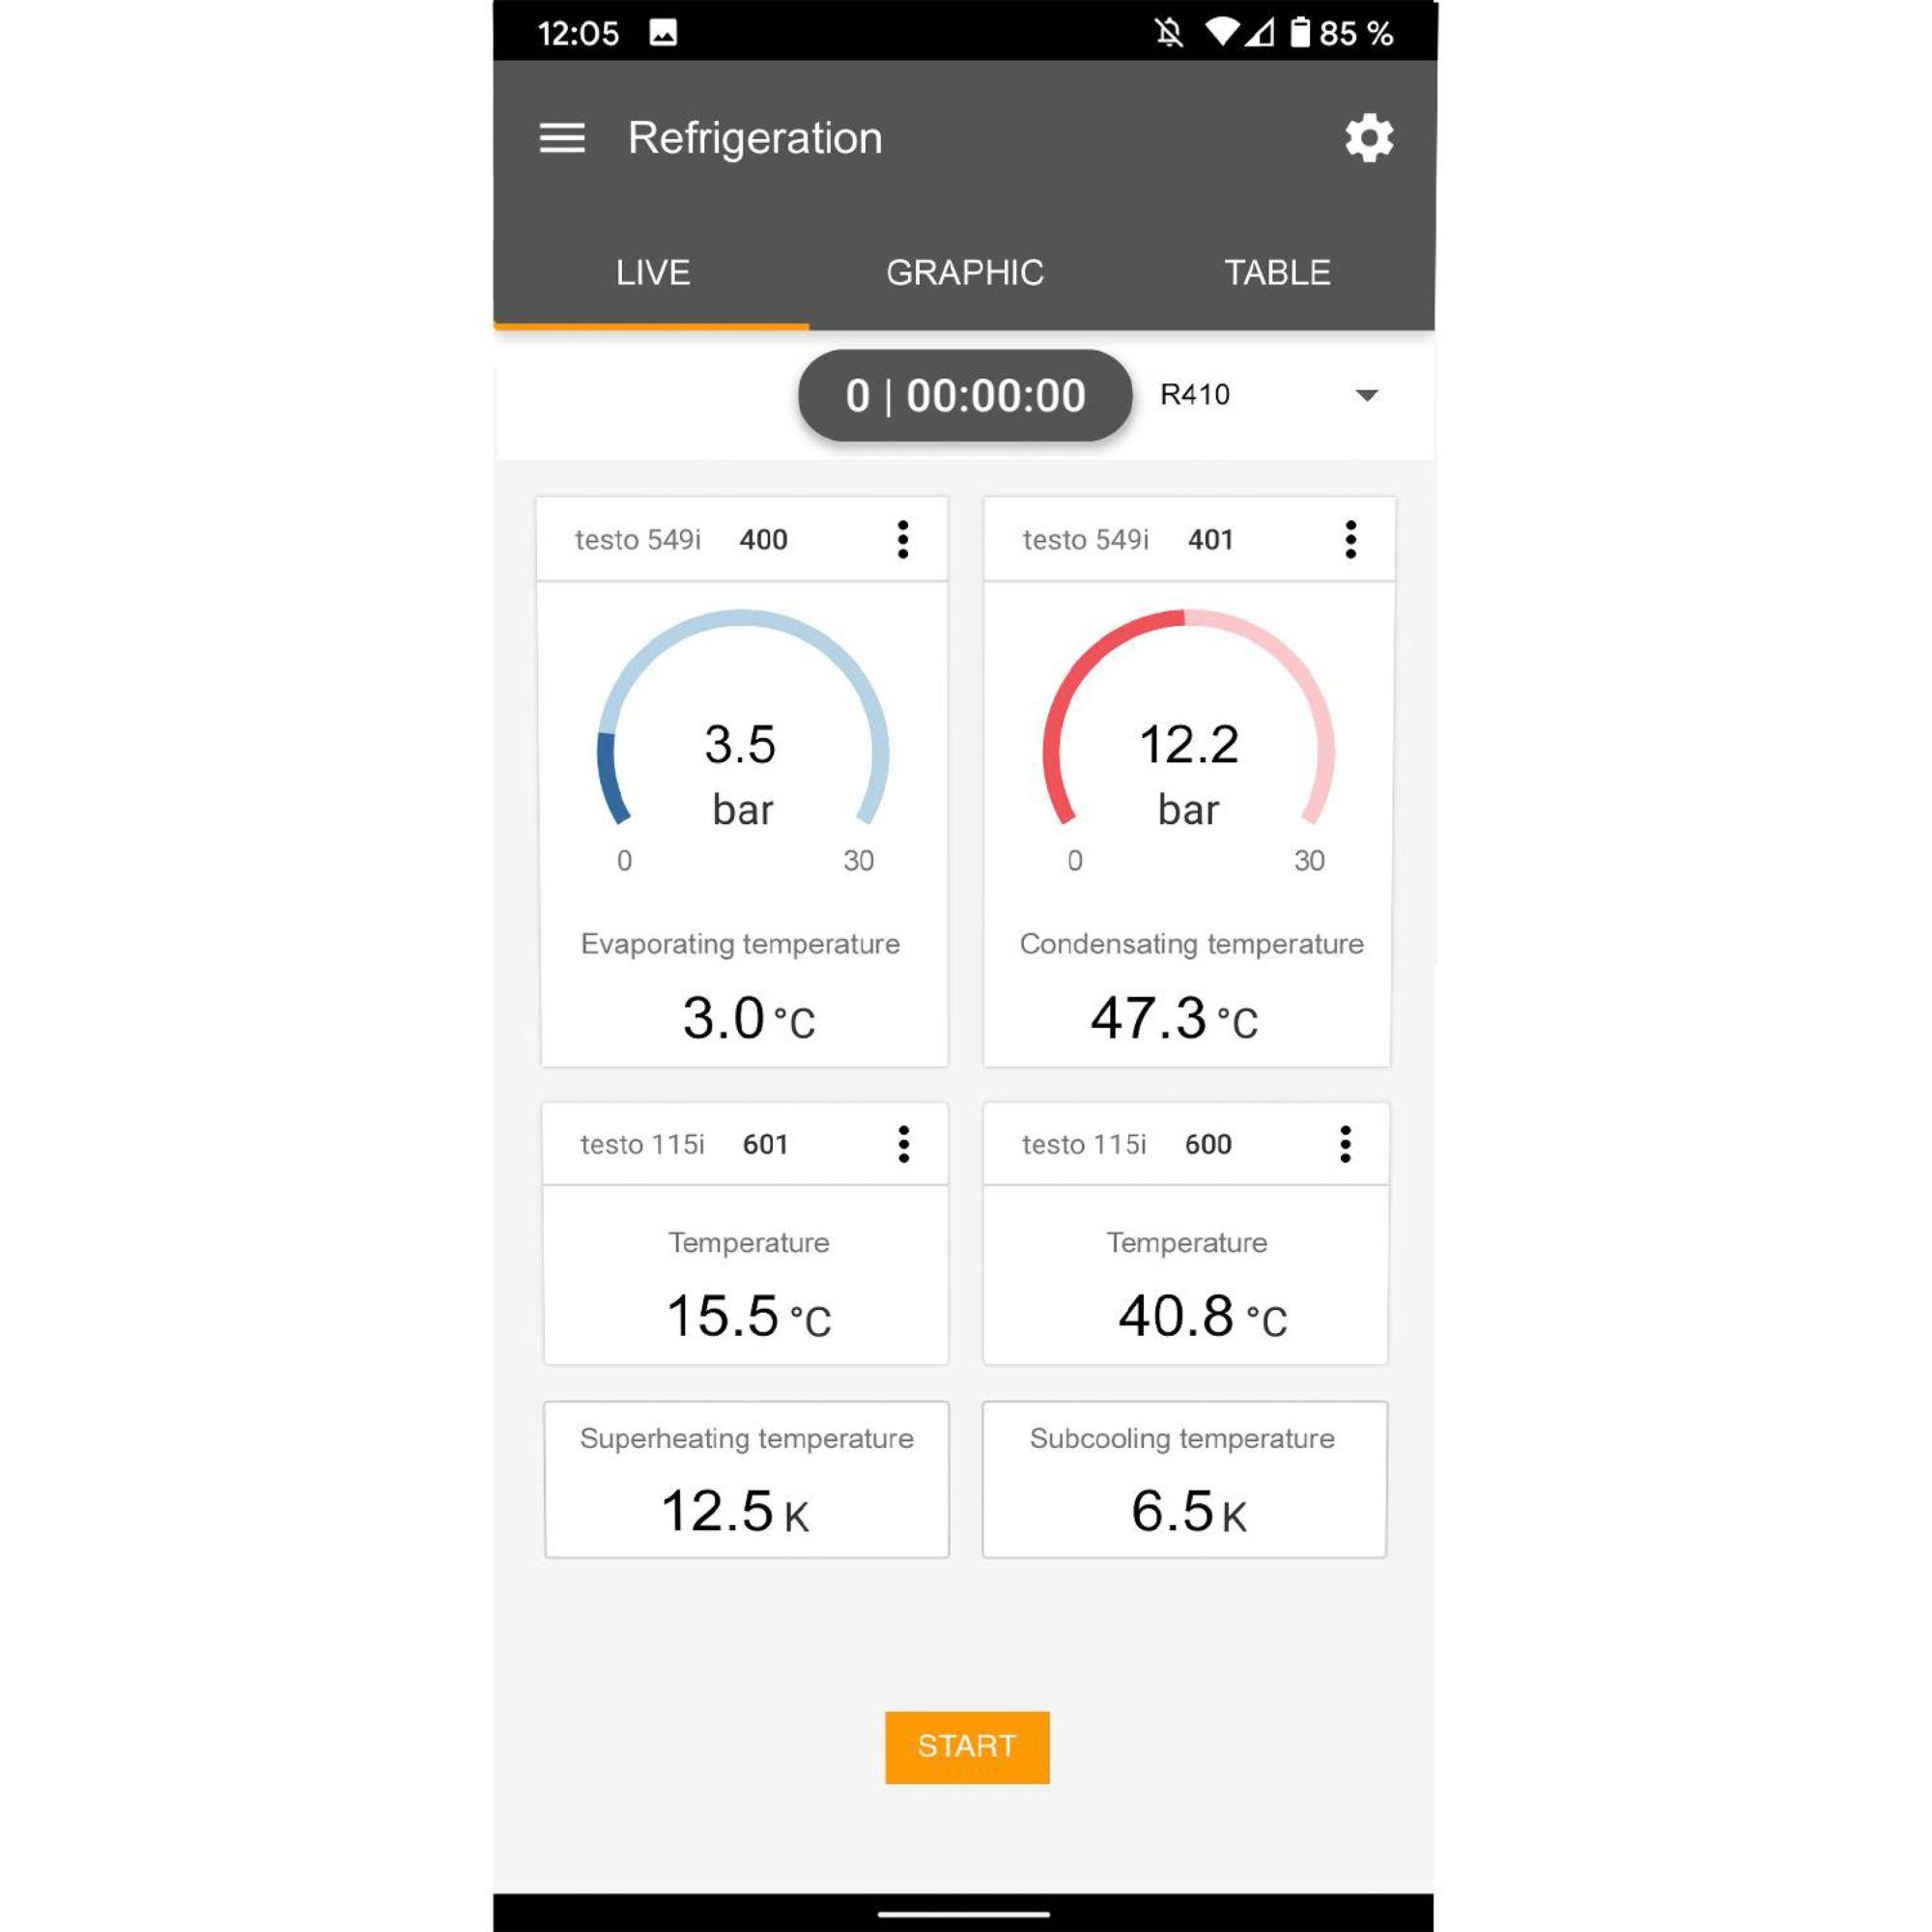 medição de refrigeração da tela testo Smart App